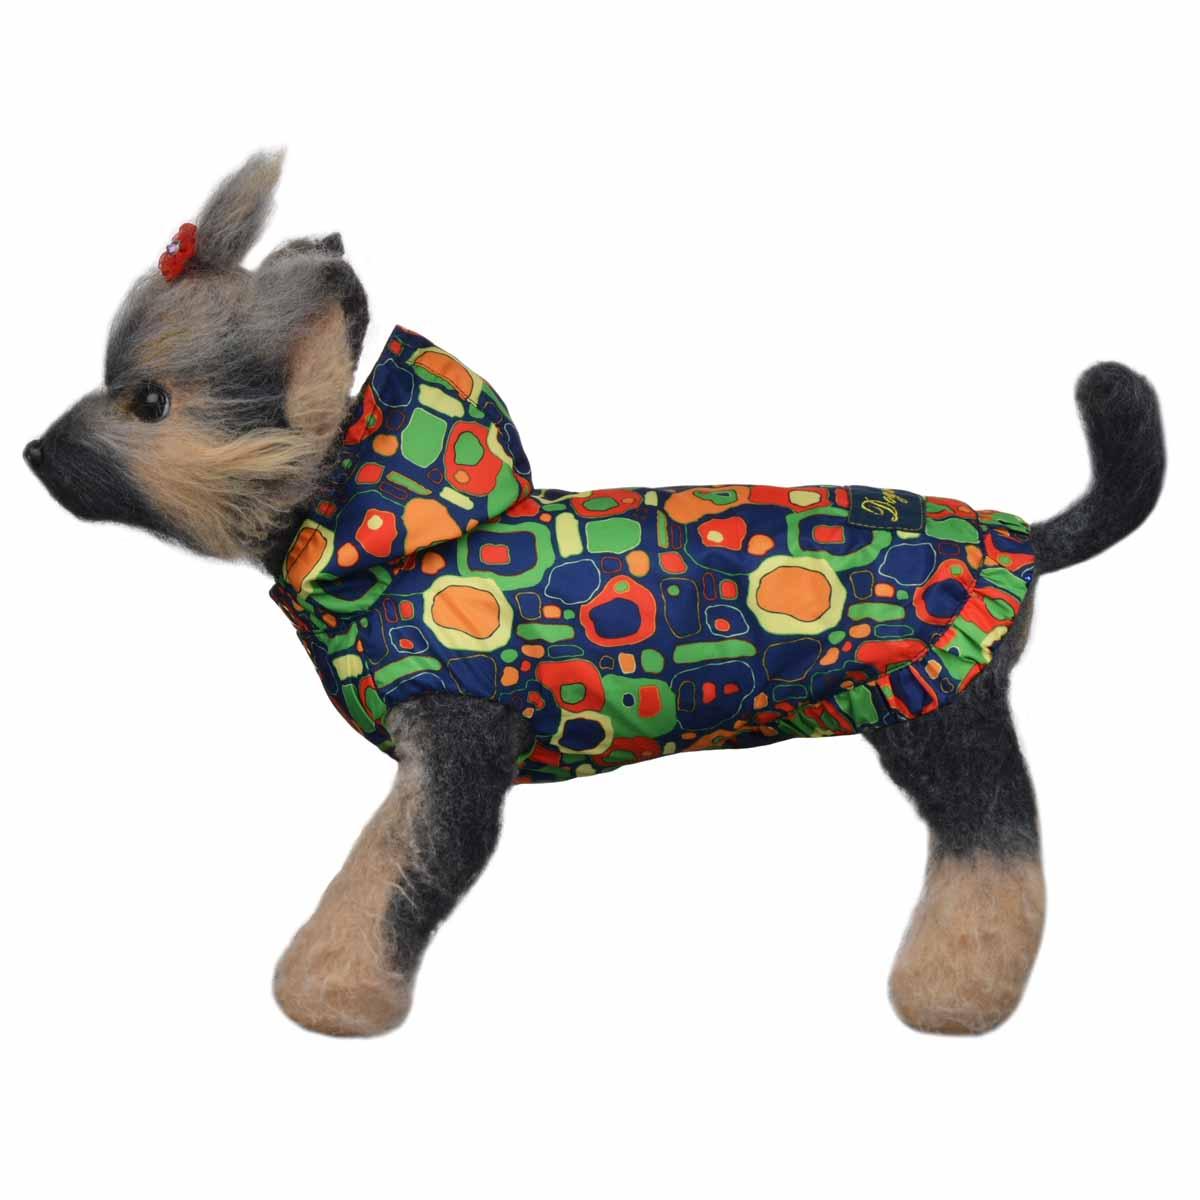 Dogmoda Ветровка для собак Сити-3DM-160108-3Яркая, модная куртка для собаки. Выполнена из непромокаемой ткани, на хлопковой подкладке